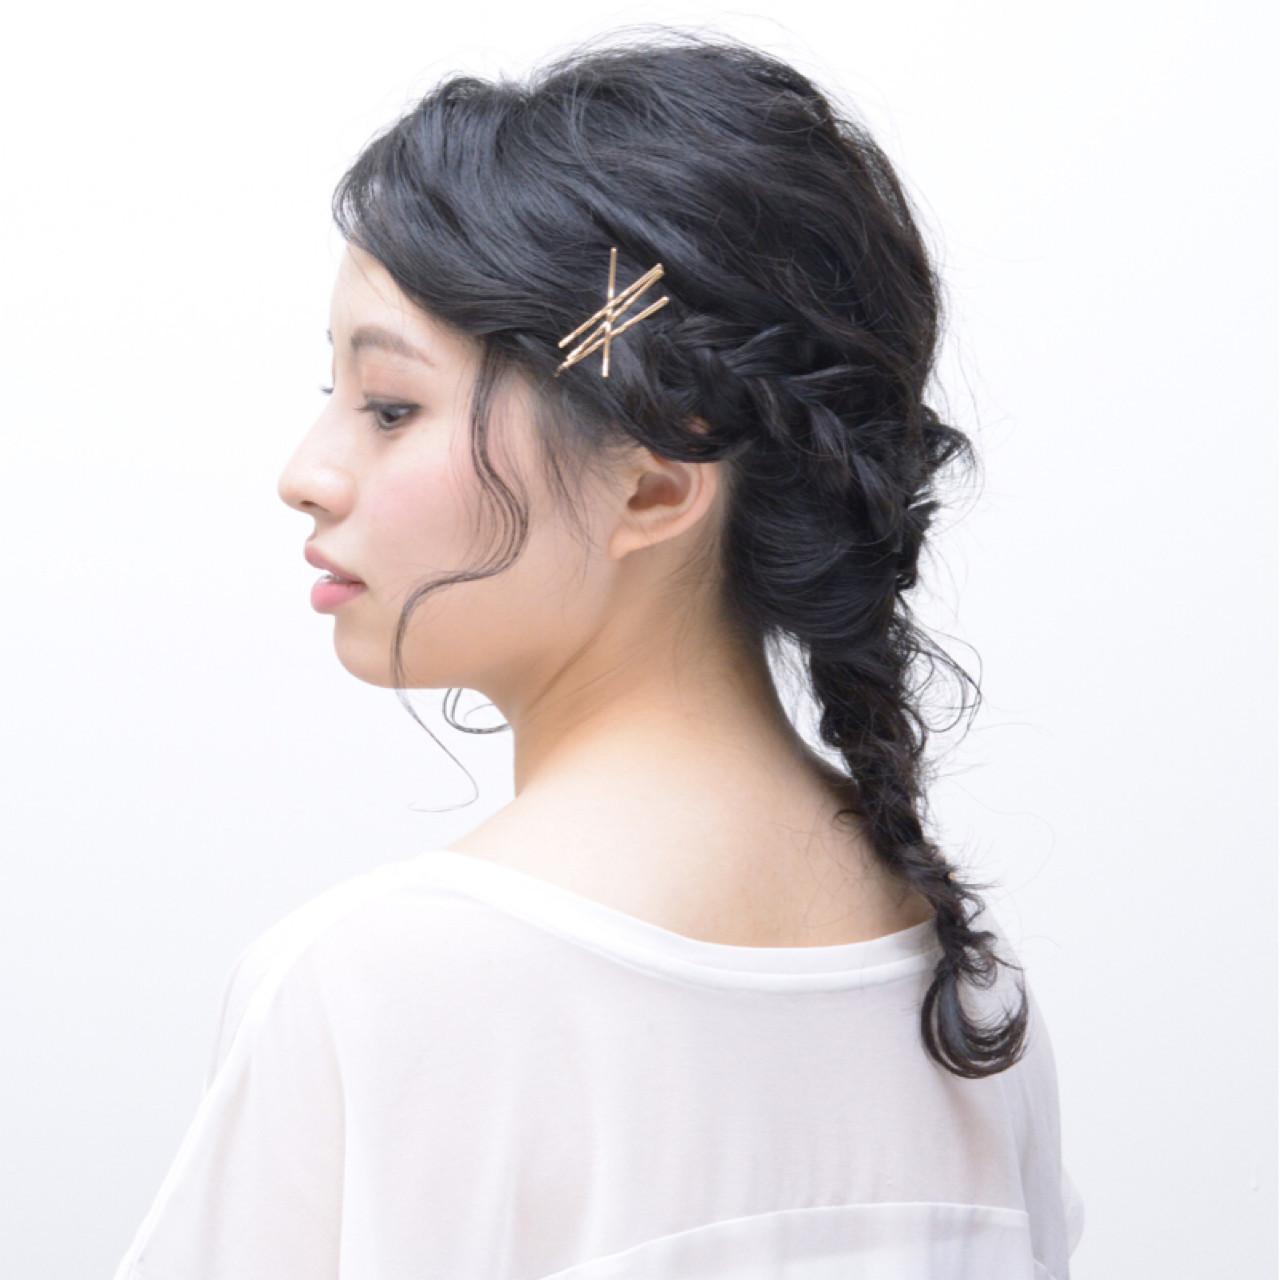 ナチュラル ヘアアレンジ セミロング ヘアスタイルや髪型の写真・画像